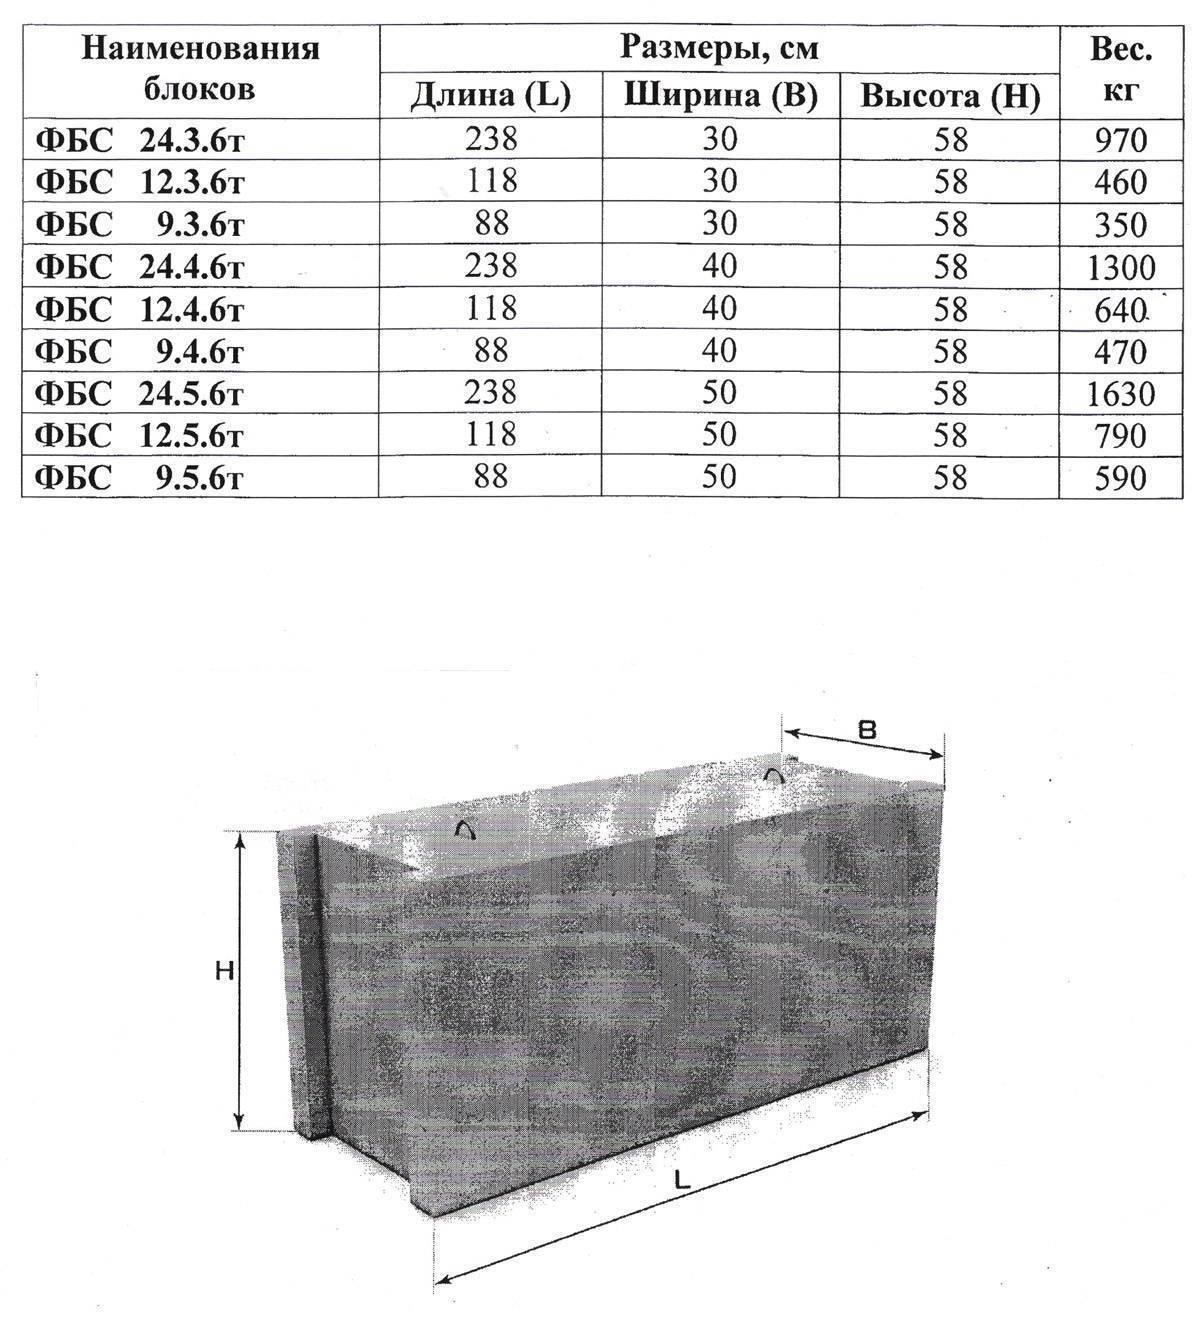 Блоки фбс размеры и вес, технические характеристики, виды, цены